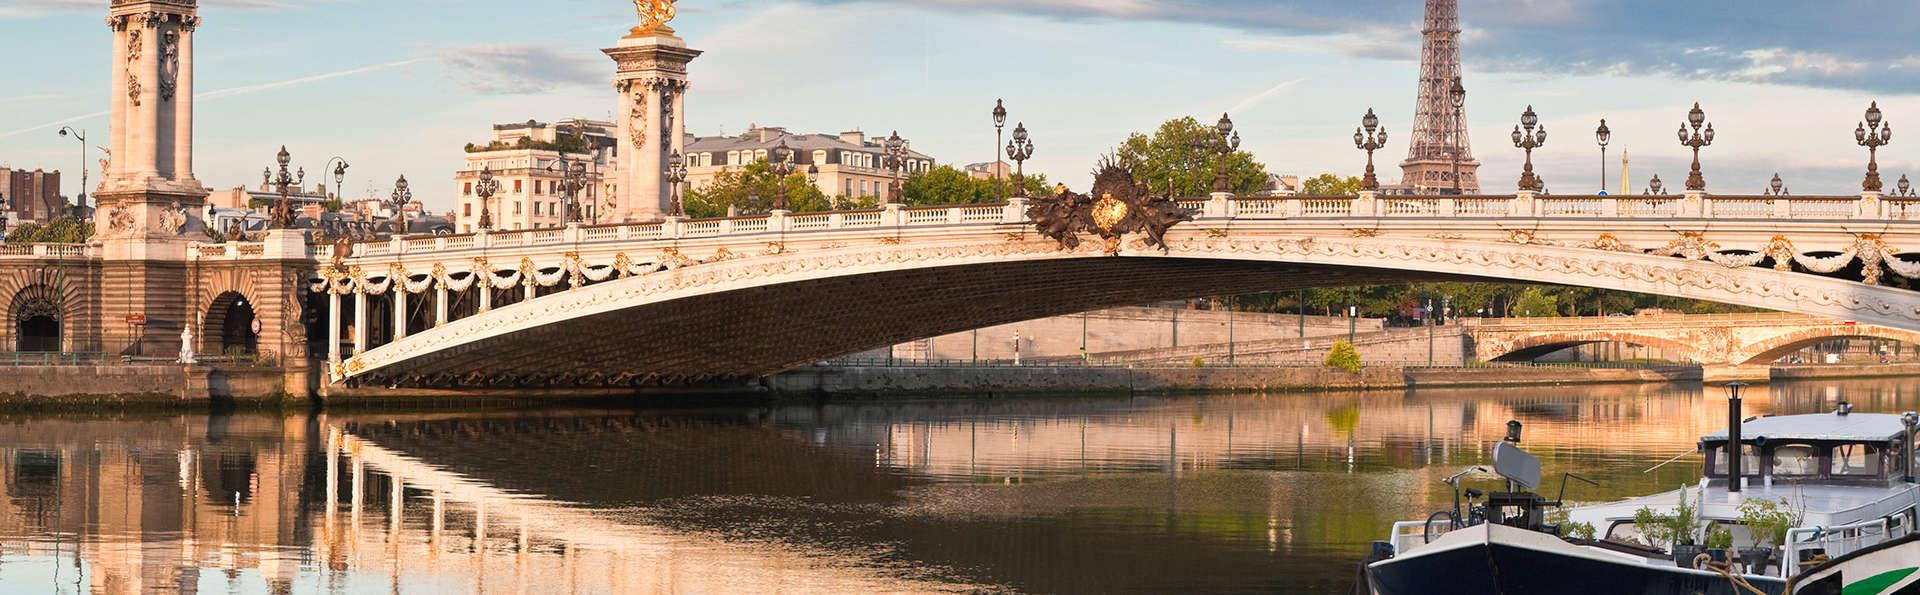 Week-end détente près de Paris